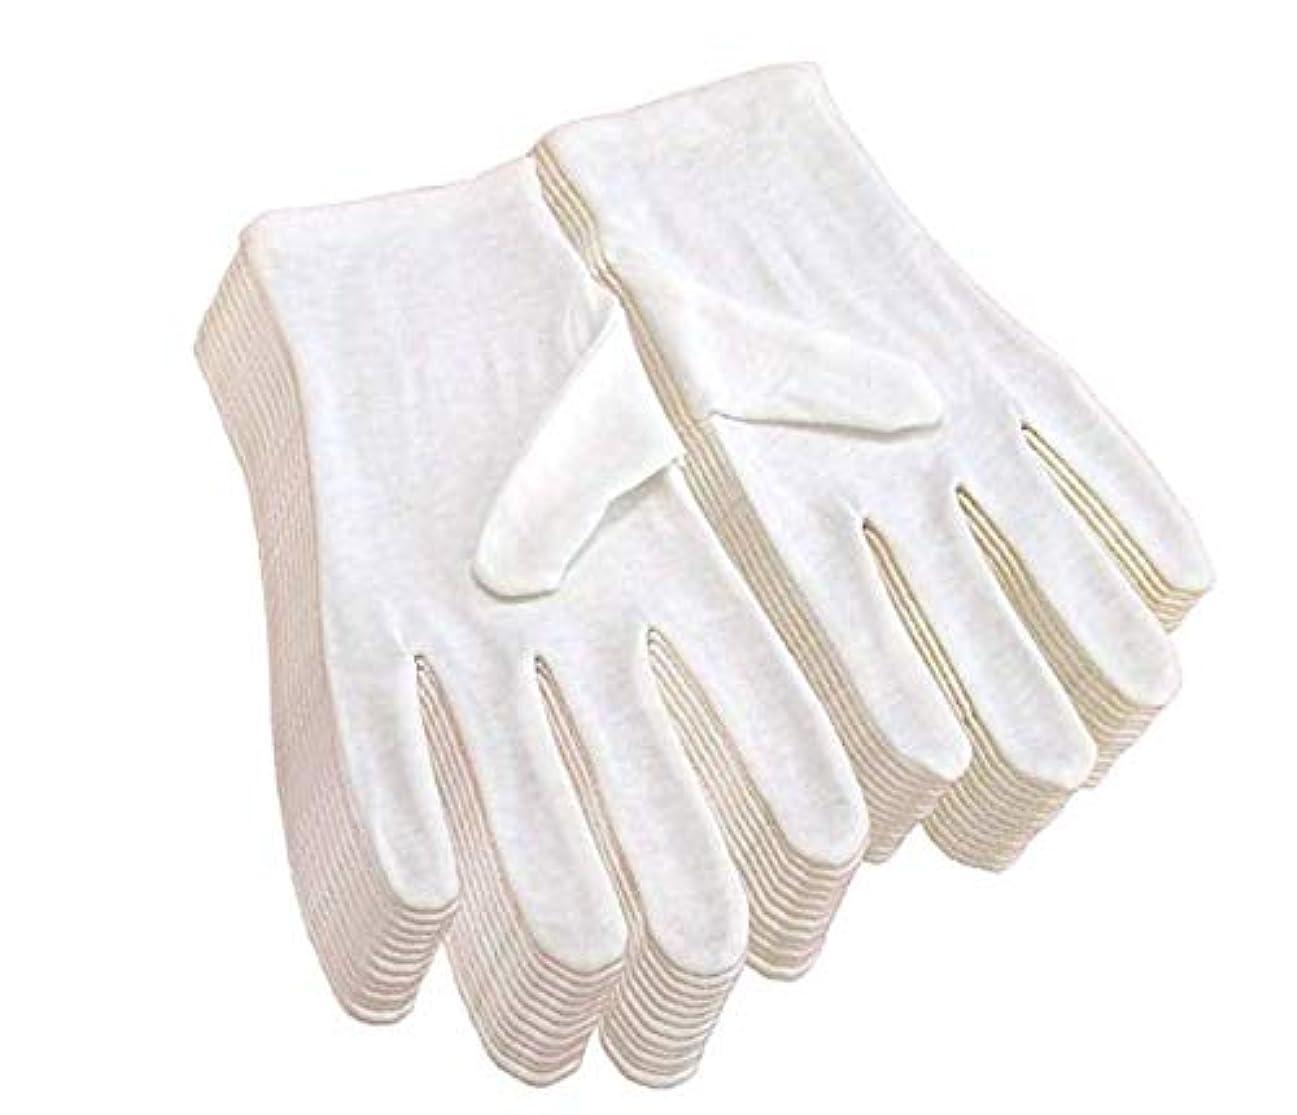 海ファンブル請求可能Mukexi コットン手袋 綿手袋 手荒れ 純綿100% 使い捨て 白手袋 薄手 お休み 湿疹 乾燥肌 保湿 礼装用 メンズ 手袋 レディース 12双組